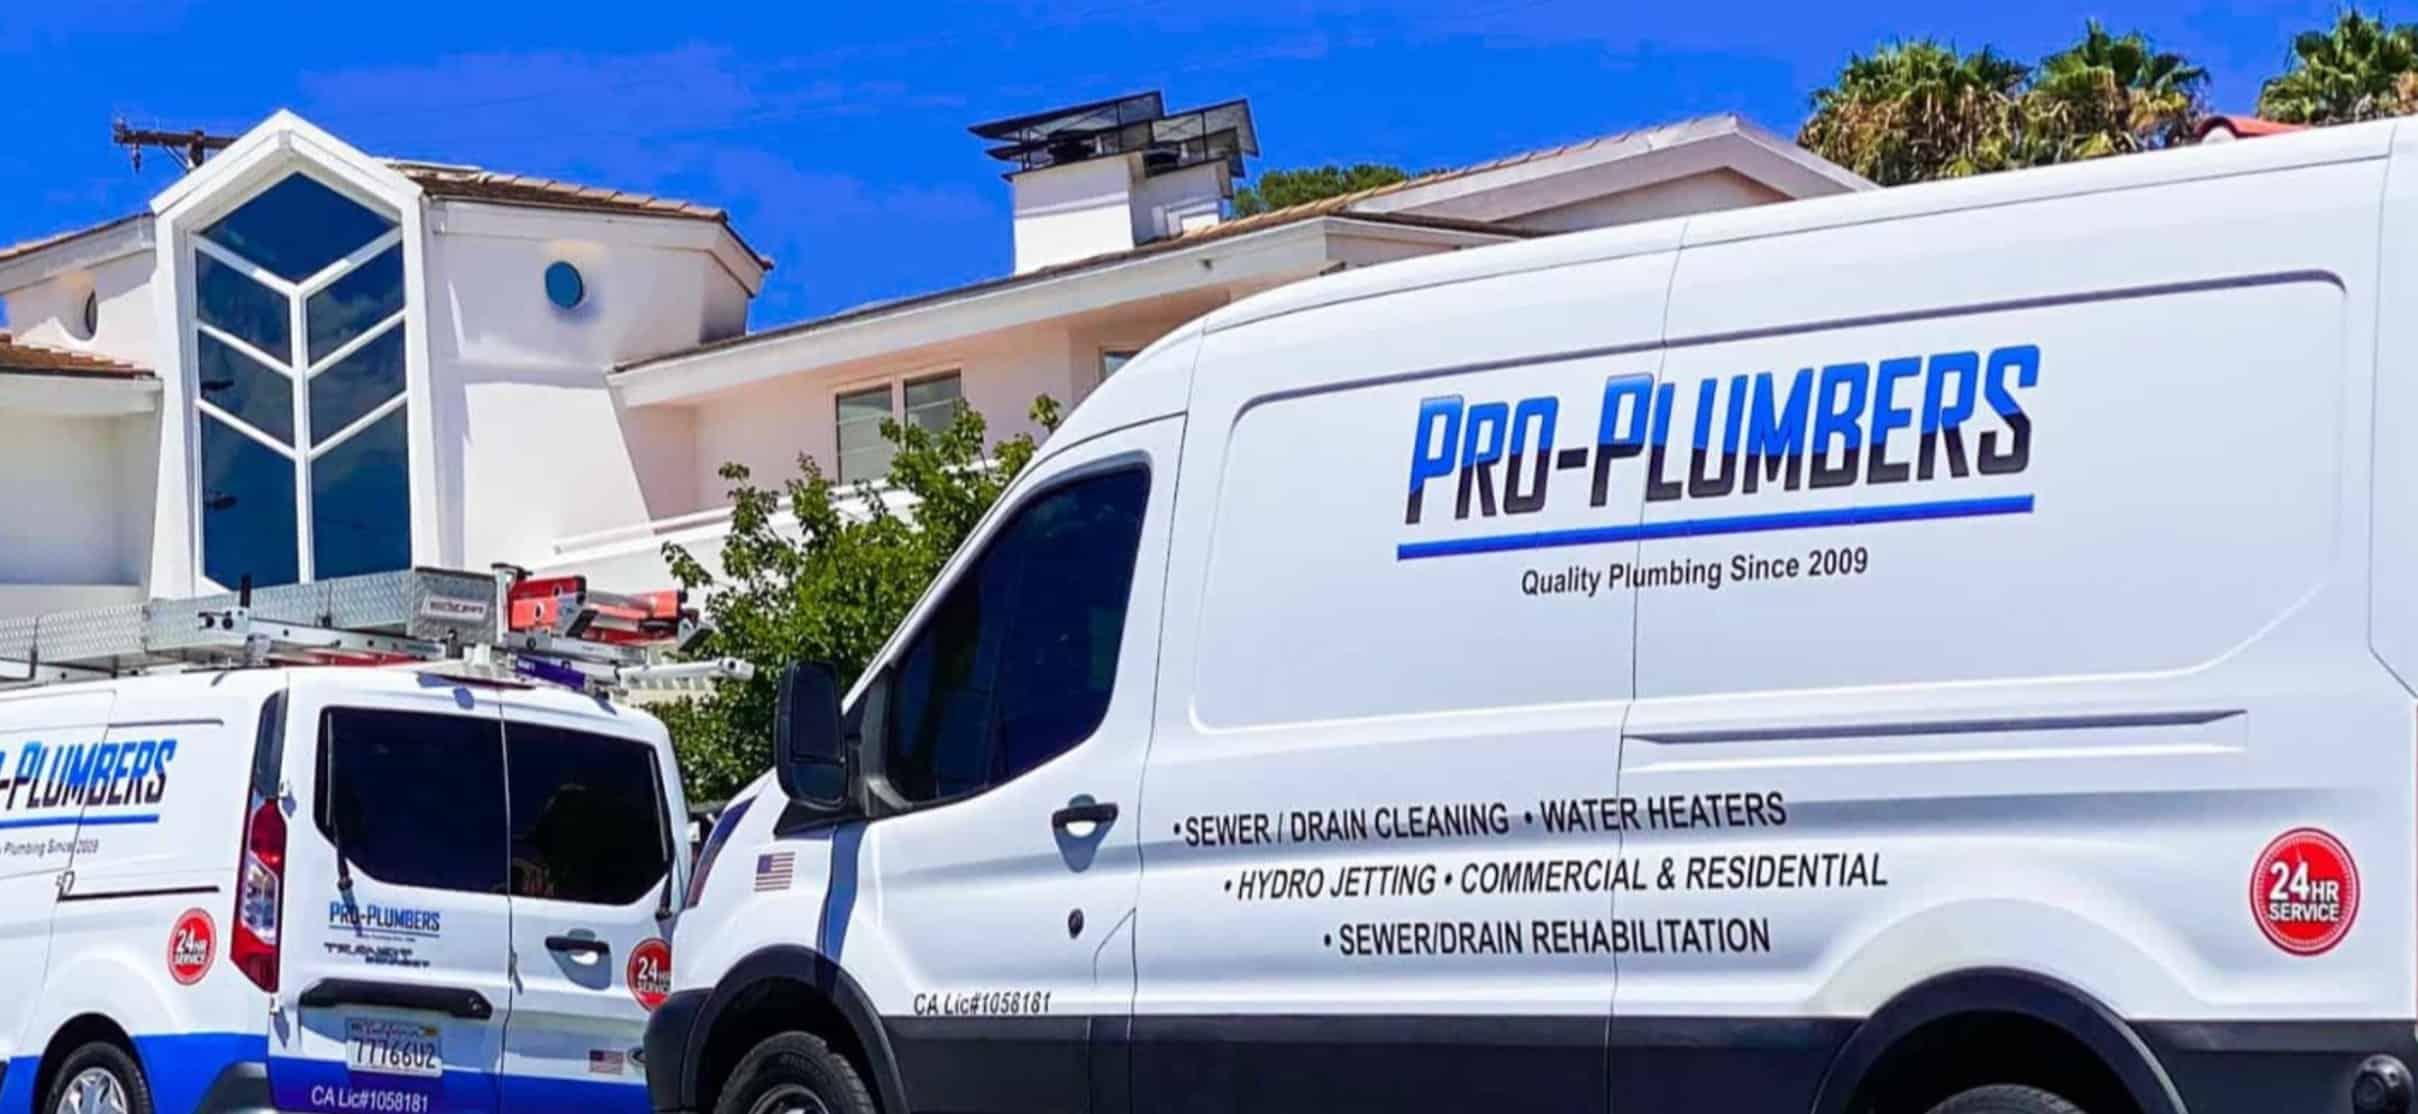 About Pro Plumbers in Corona, California.